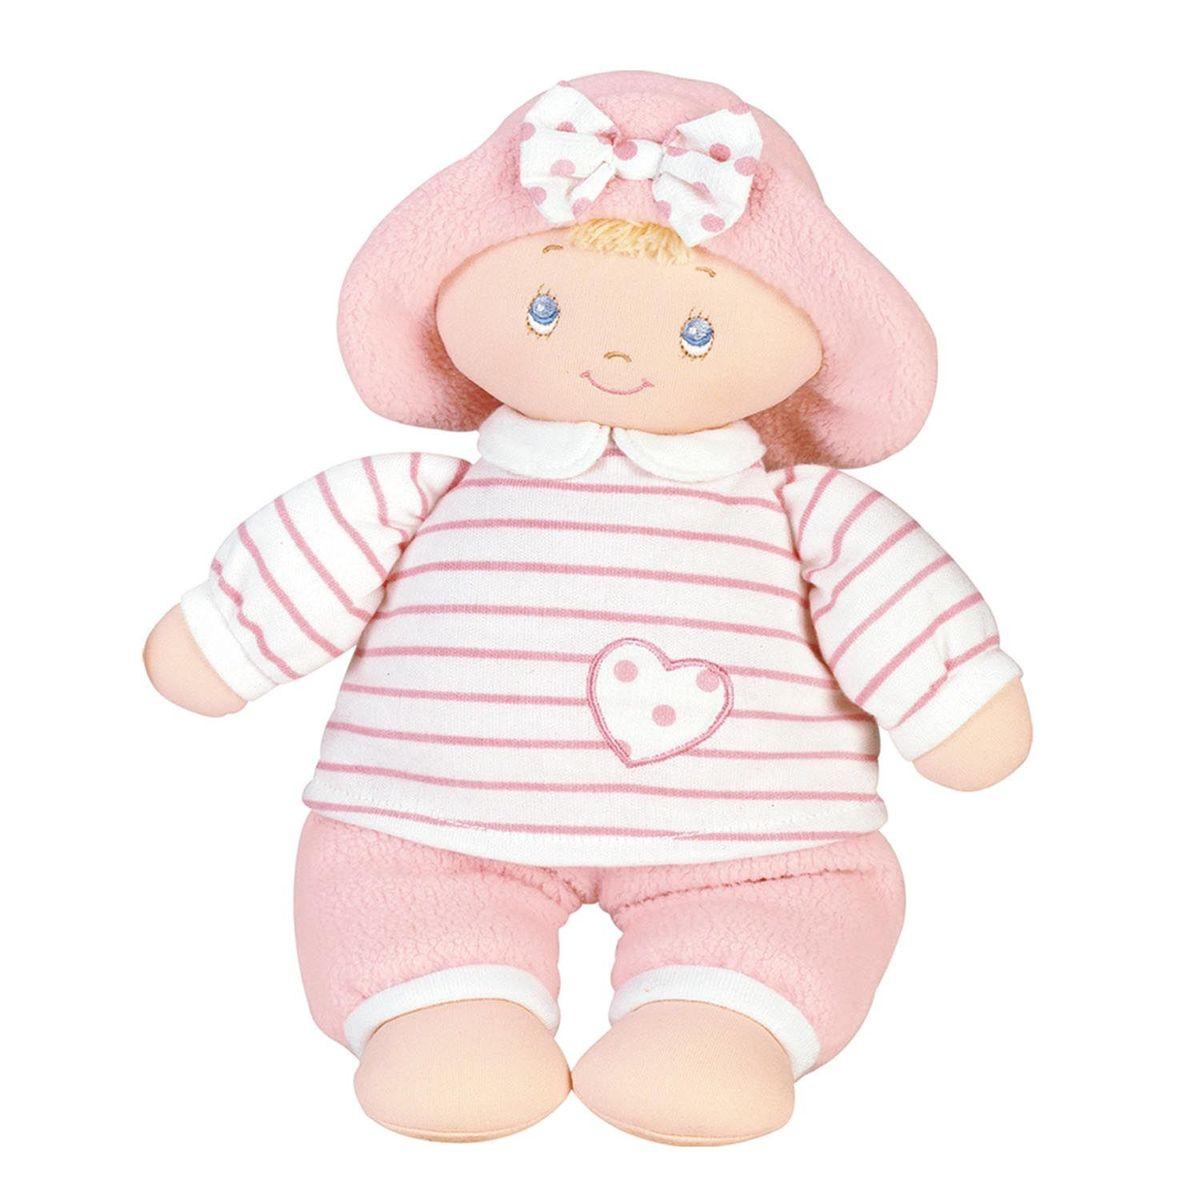 Gund Мягкая кукла Sweet Dolly58069Милые, мягкие и безопасные, игрушки фирмы Gund отличаются реалистичным внешним видом, напоминающим настоящего питомца. Только посмотрите на эту милую мордашку, которая так приветливо смотрит на вас. Разве можно устоять перед её обаянием? Конечно нет, да и не нужно! Такая игрушка вызывает умиление не только у детей , но и у взрослых. Поэтому она станет отличным подарком не только ребёнку, но и друзьям!